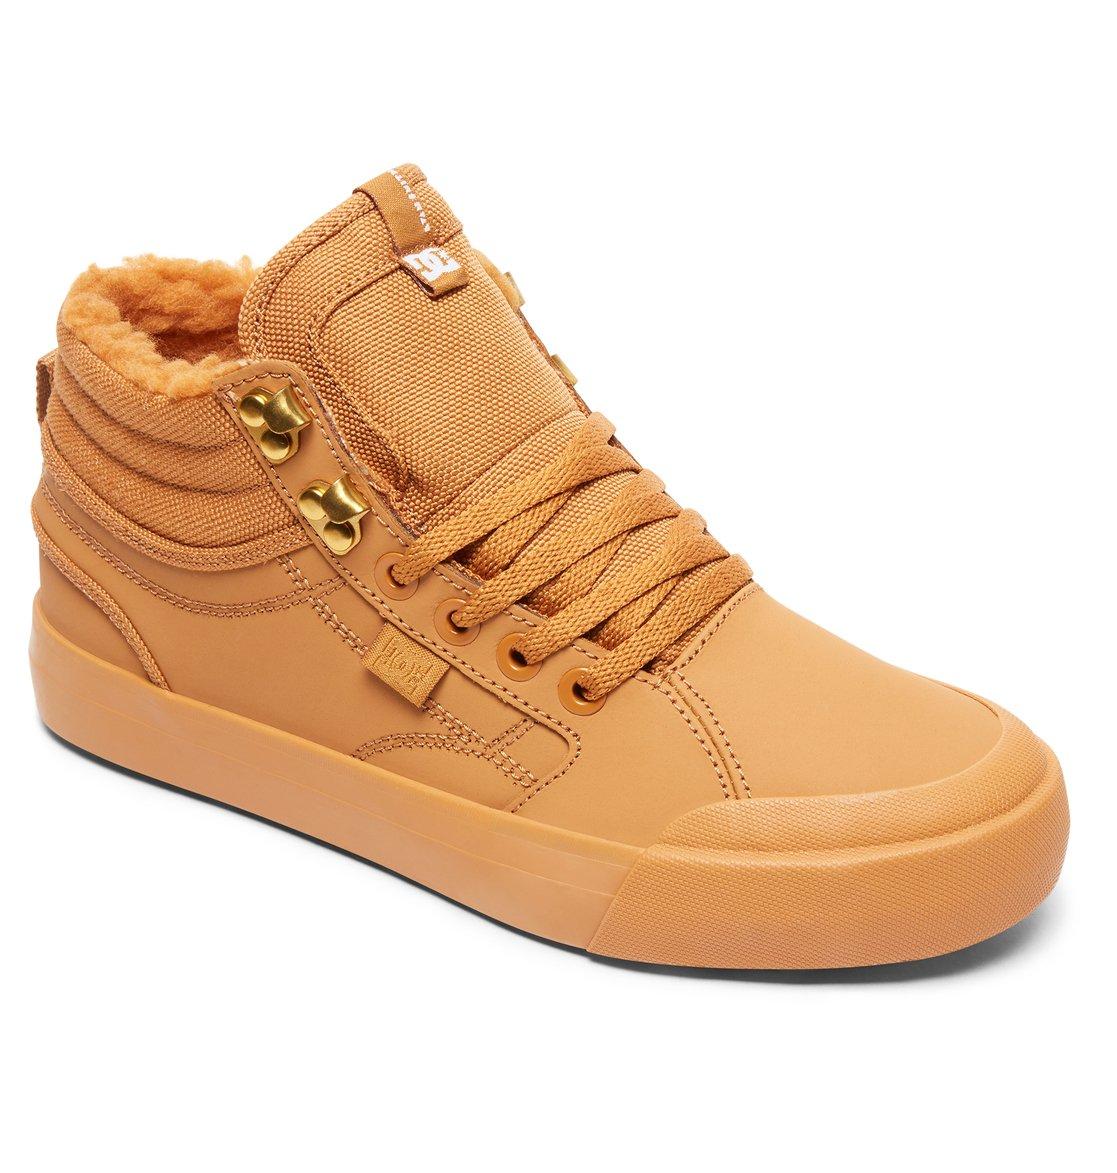 Pour Wnt Montantes Hi D'hiver Femme Adjs300188 Chaussures Evan XO7zxwT